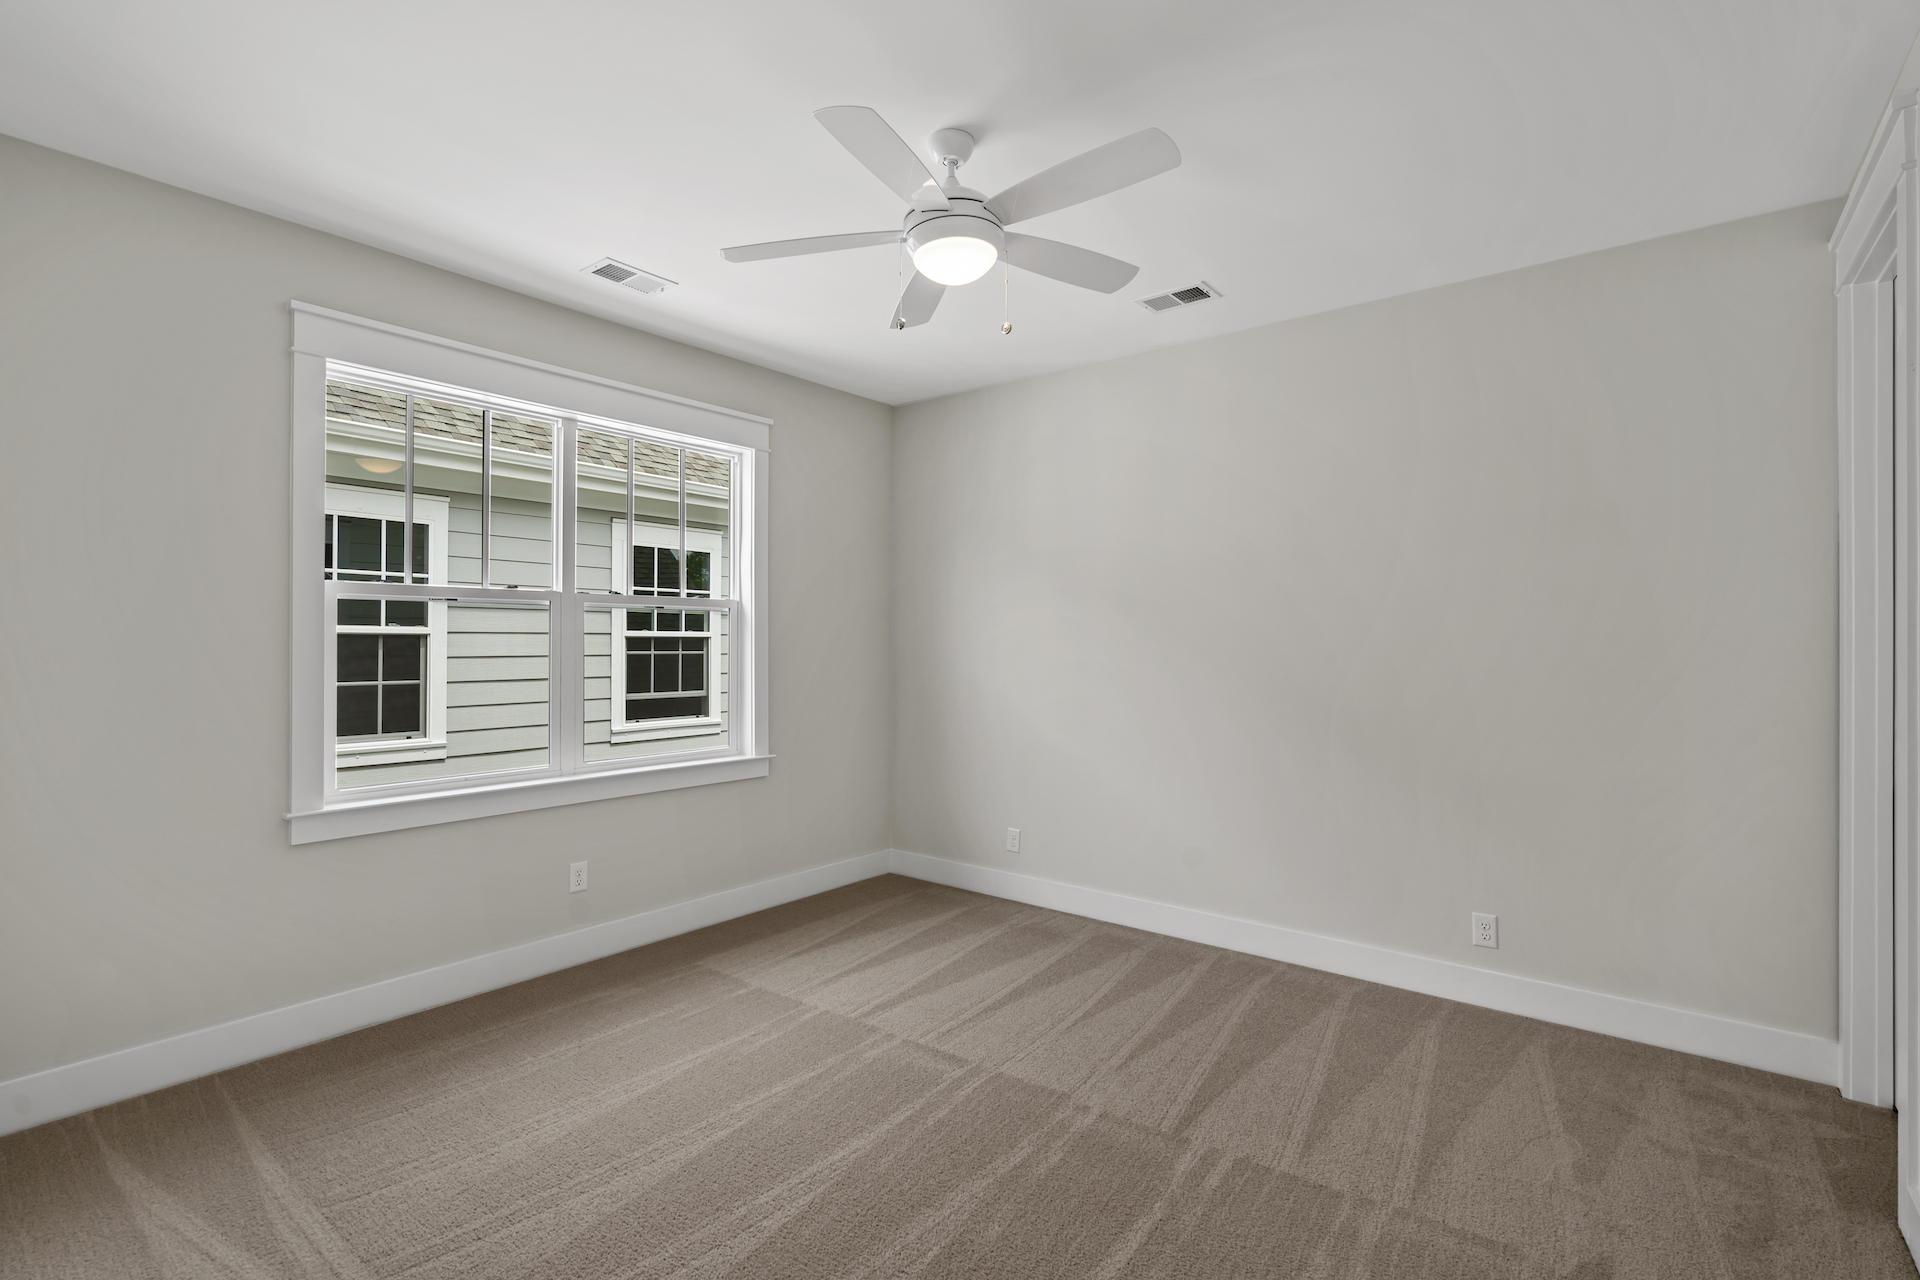 Midtown Homes For Sale - 1527 Low Park, Mount Pleasant, SC - 3